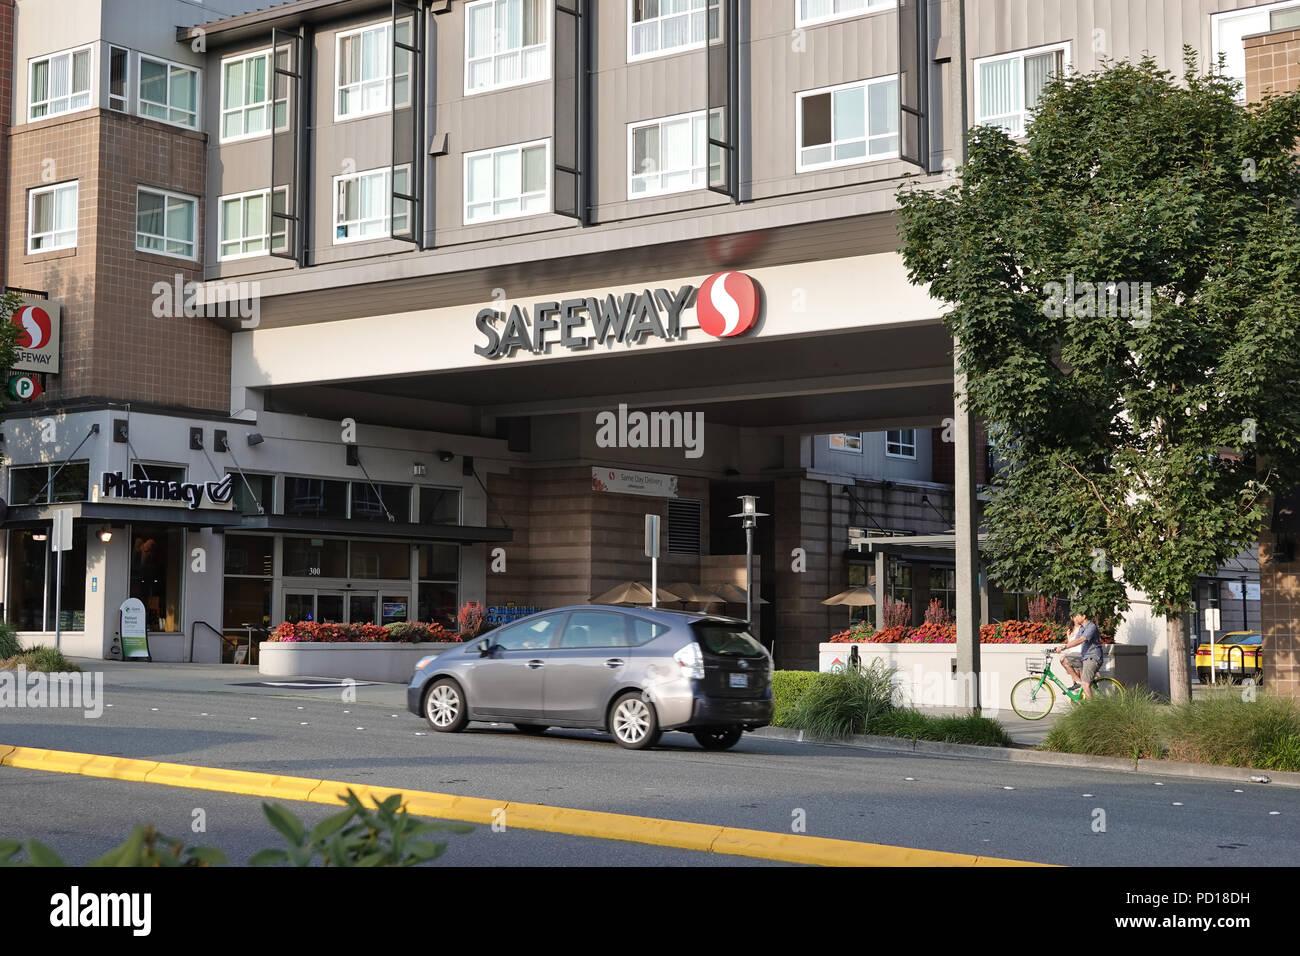 Safeway Stock Photos & Safeway Stock Images - Alamy